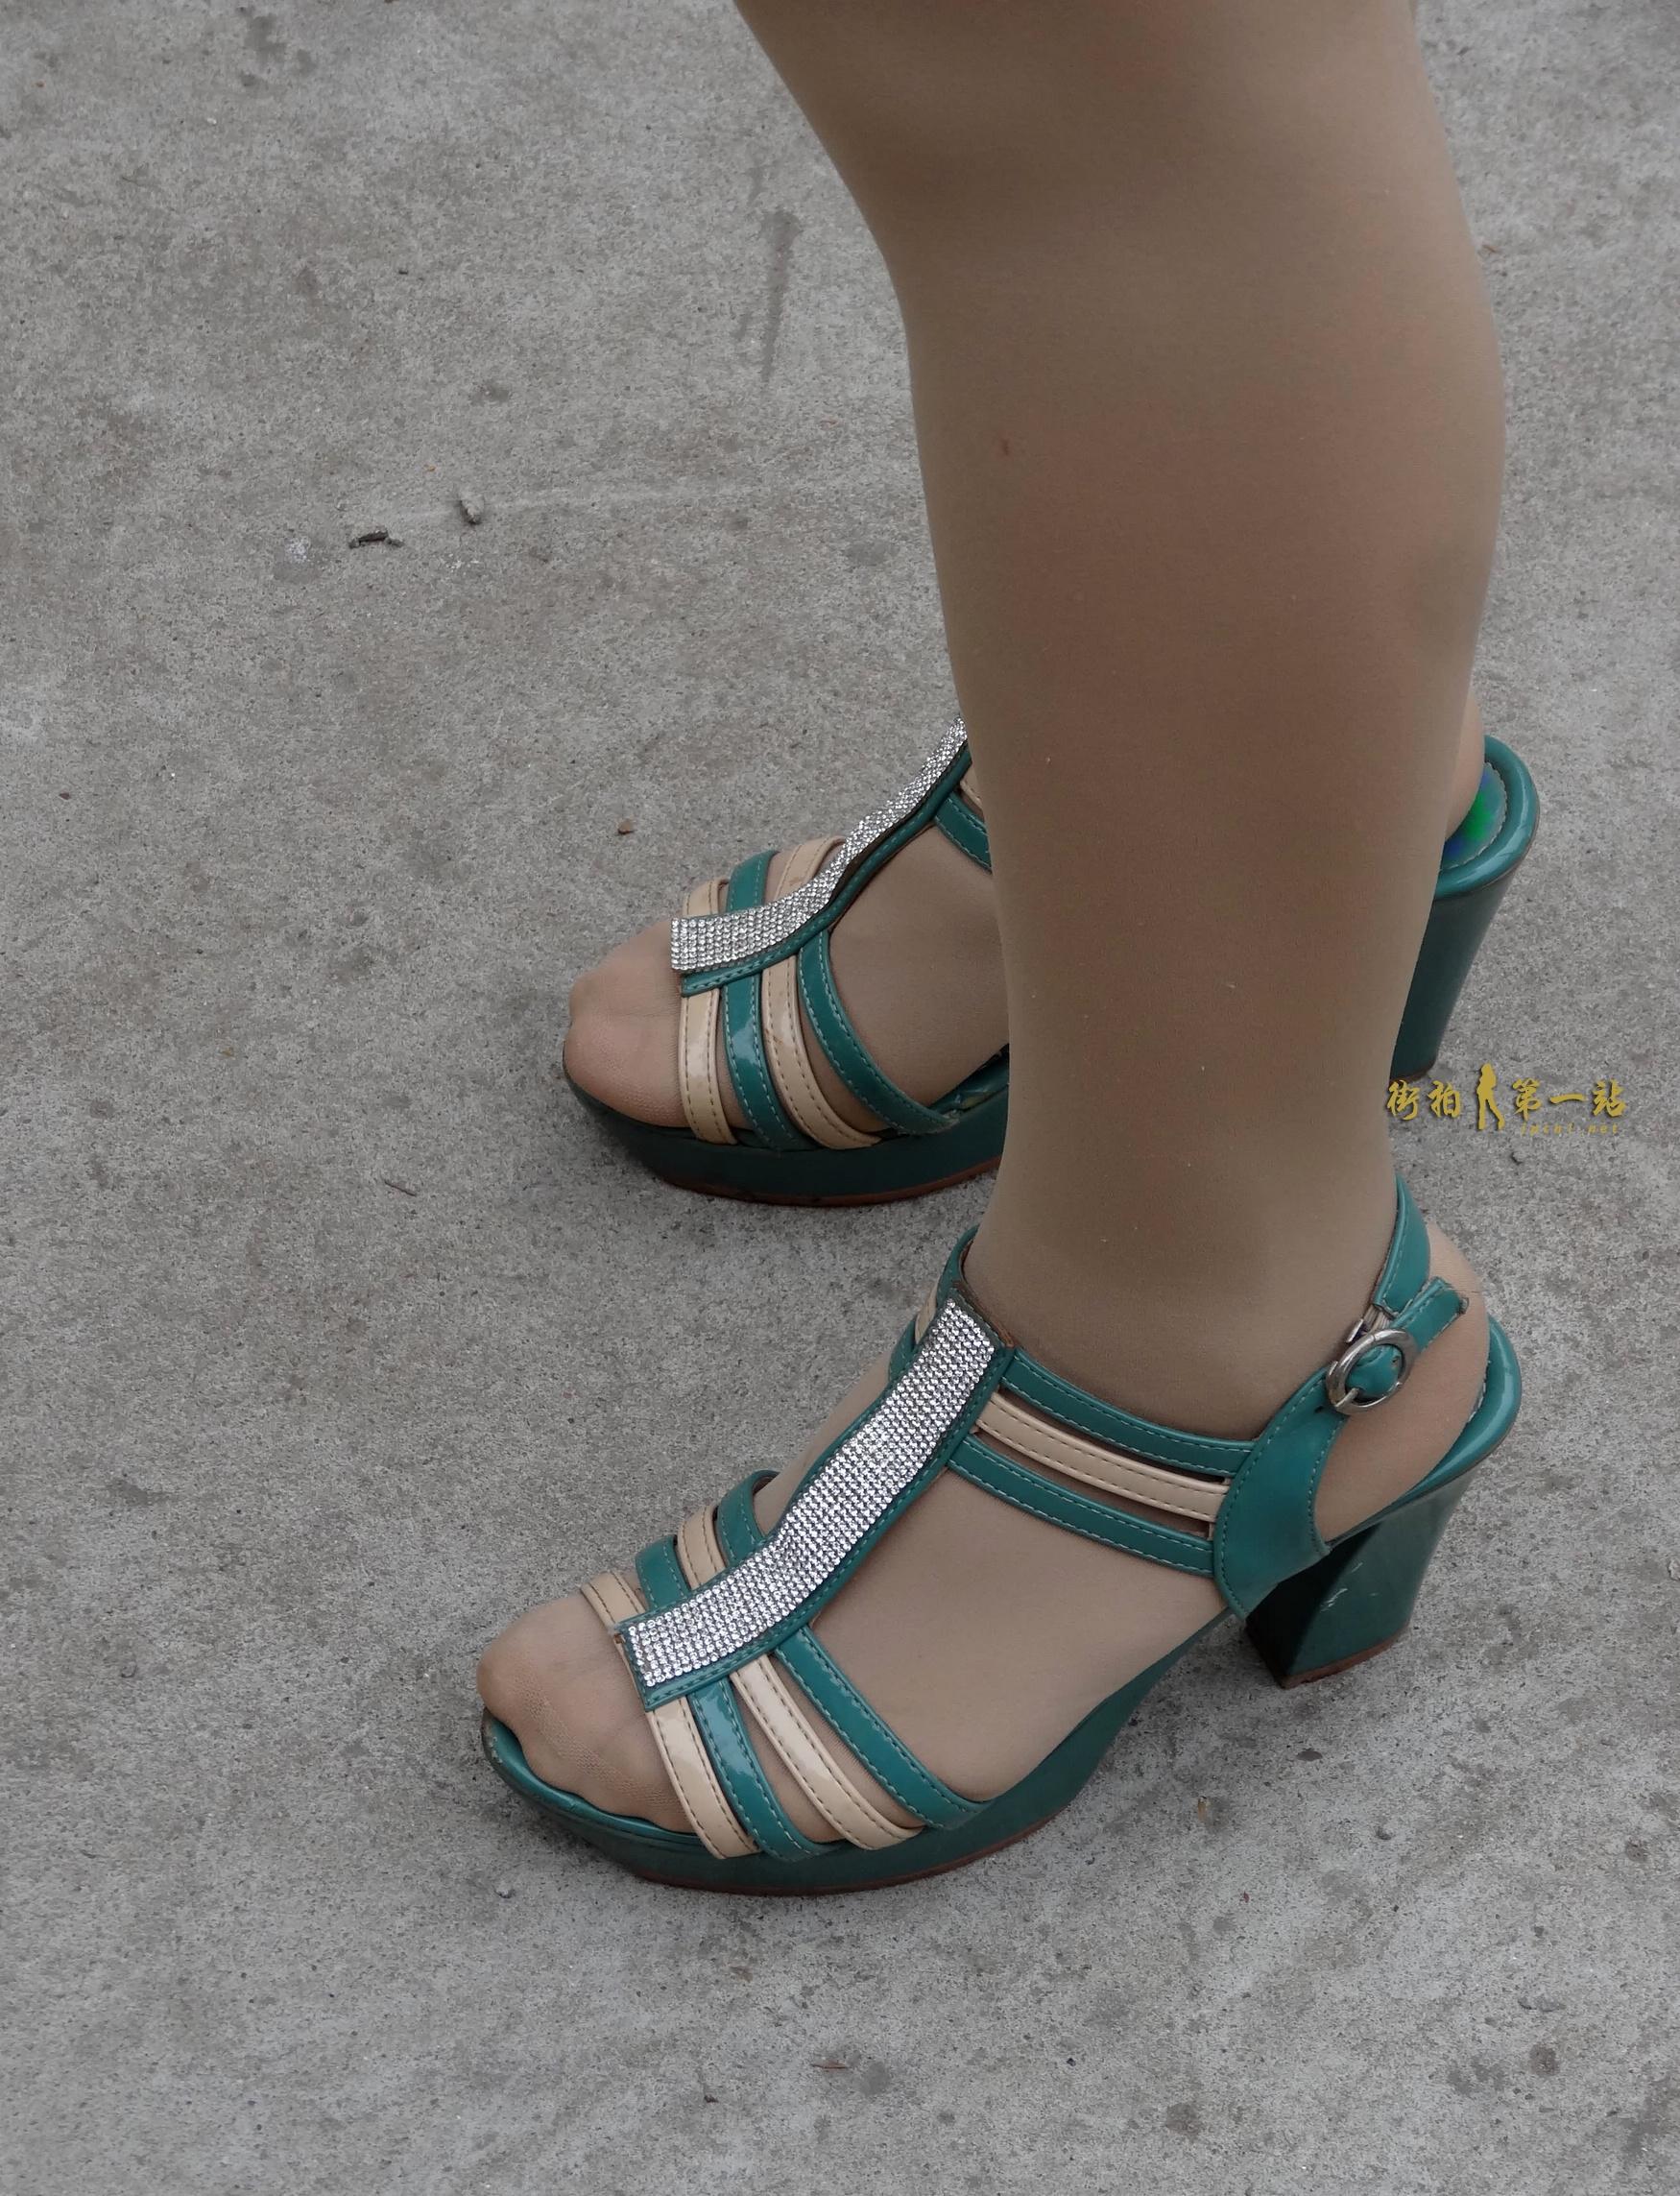 街拍丝足,街拍肉丝 金坚作品--凉鞋 肉丝足15P 最新街拍丝袜图片 街拍丝袜第一站